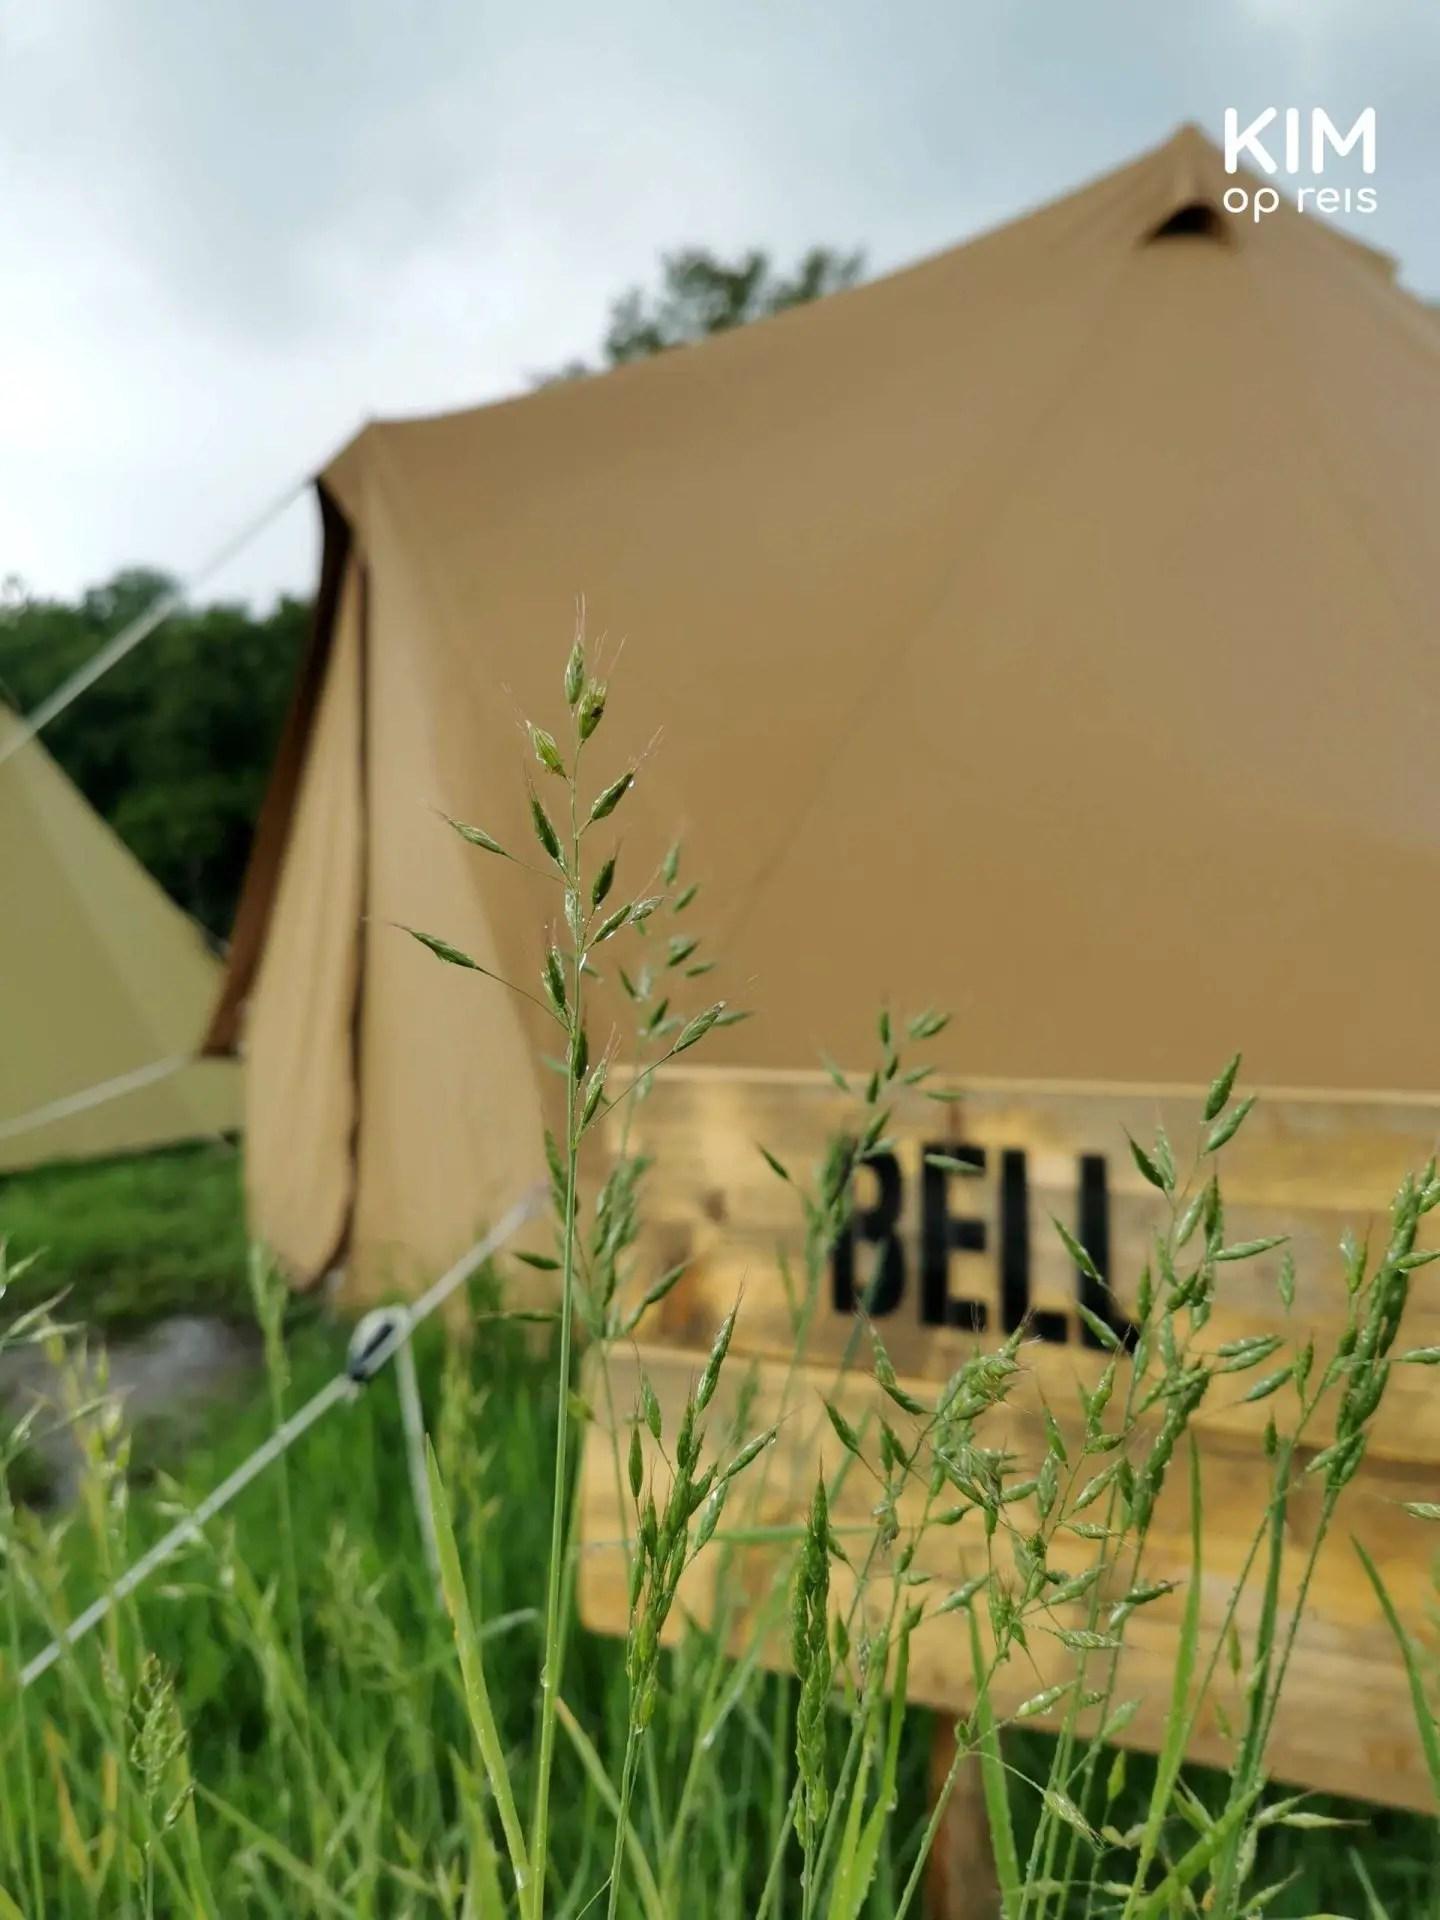 Belltent glamping Bij de Buren: bord waarop staat 'Bell' met daarachter een belltent